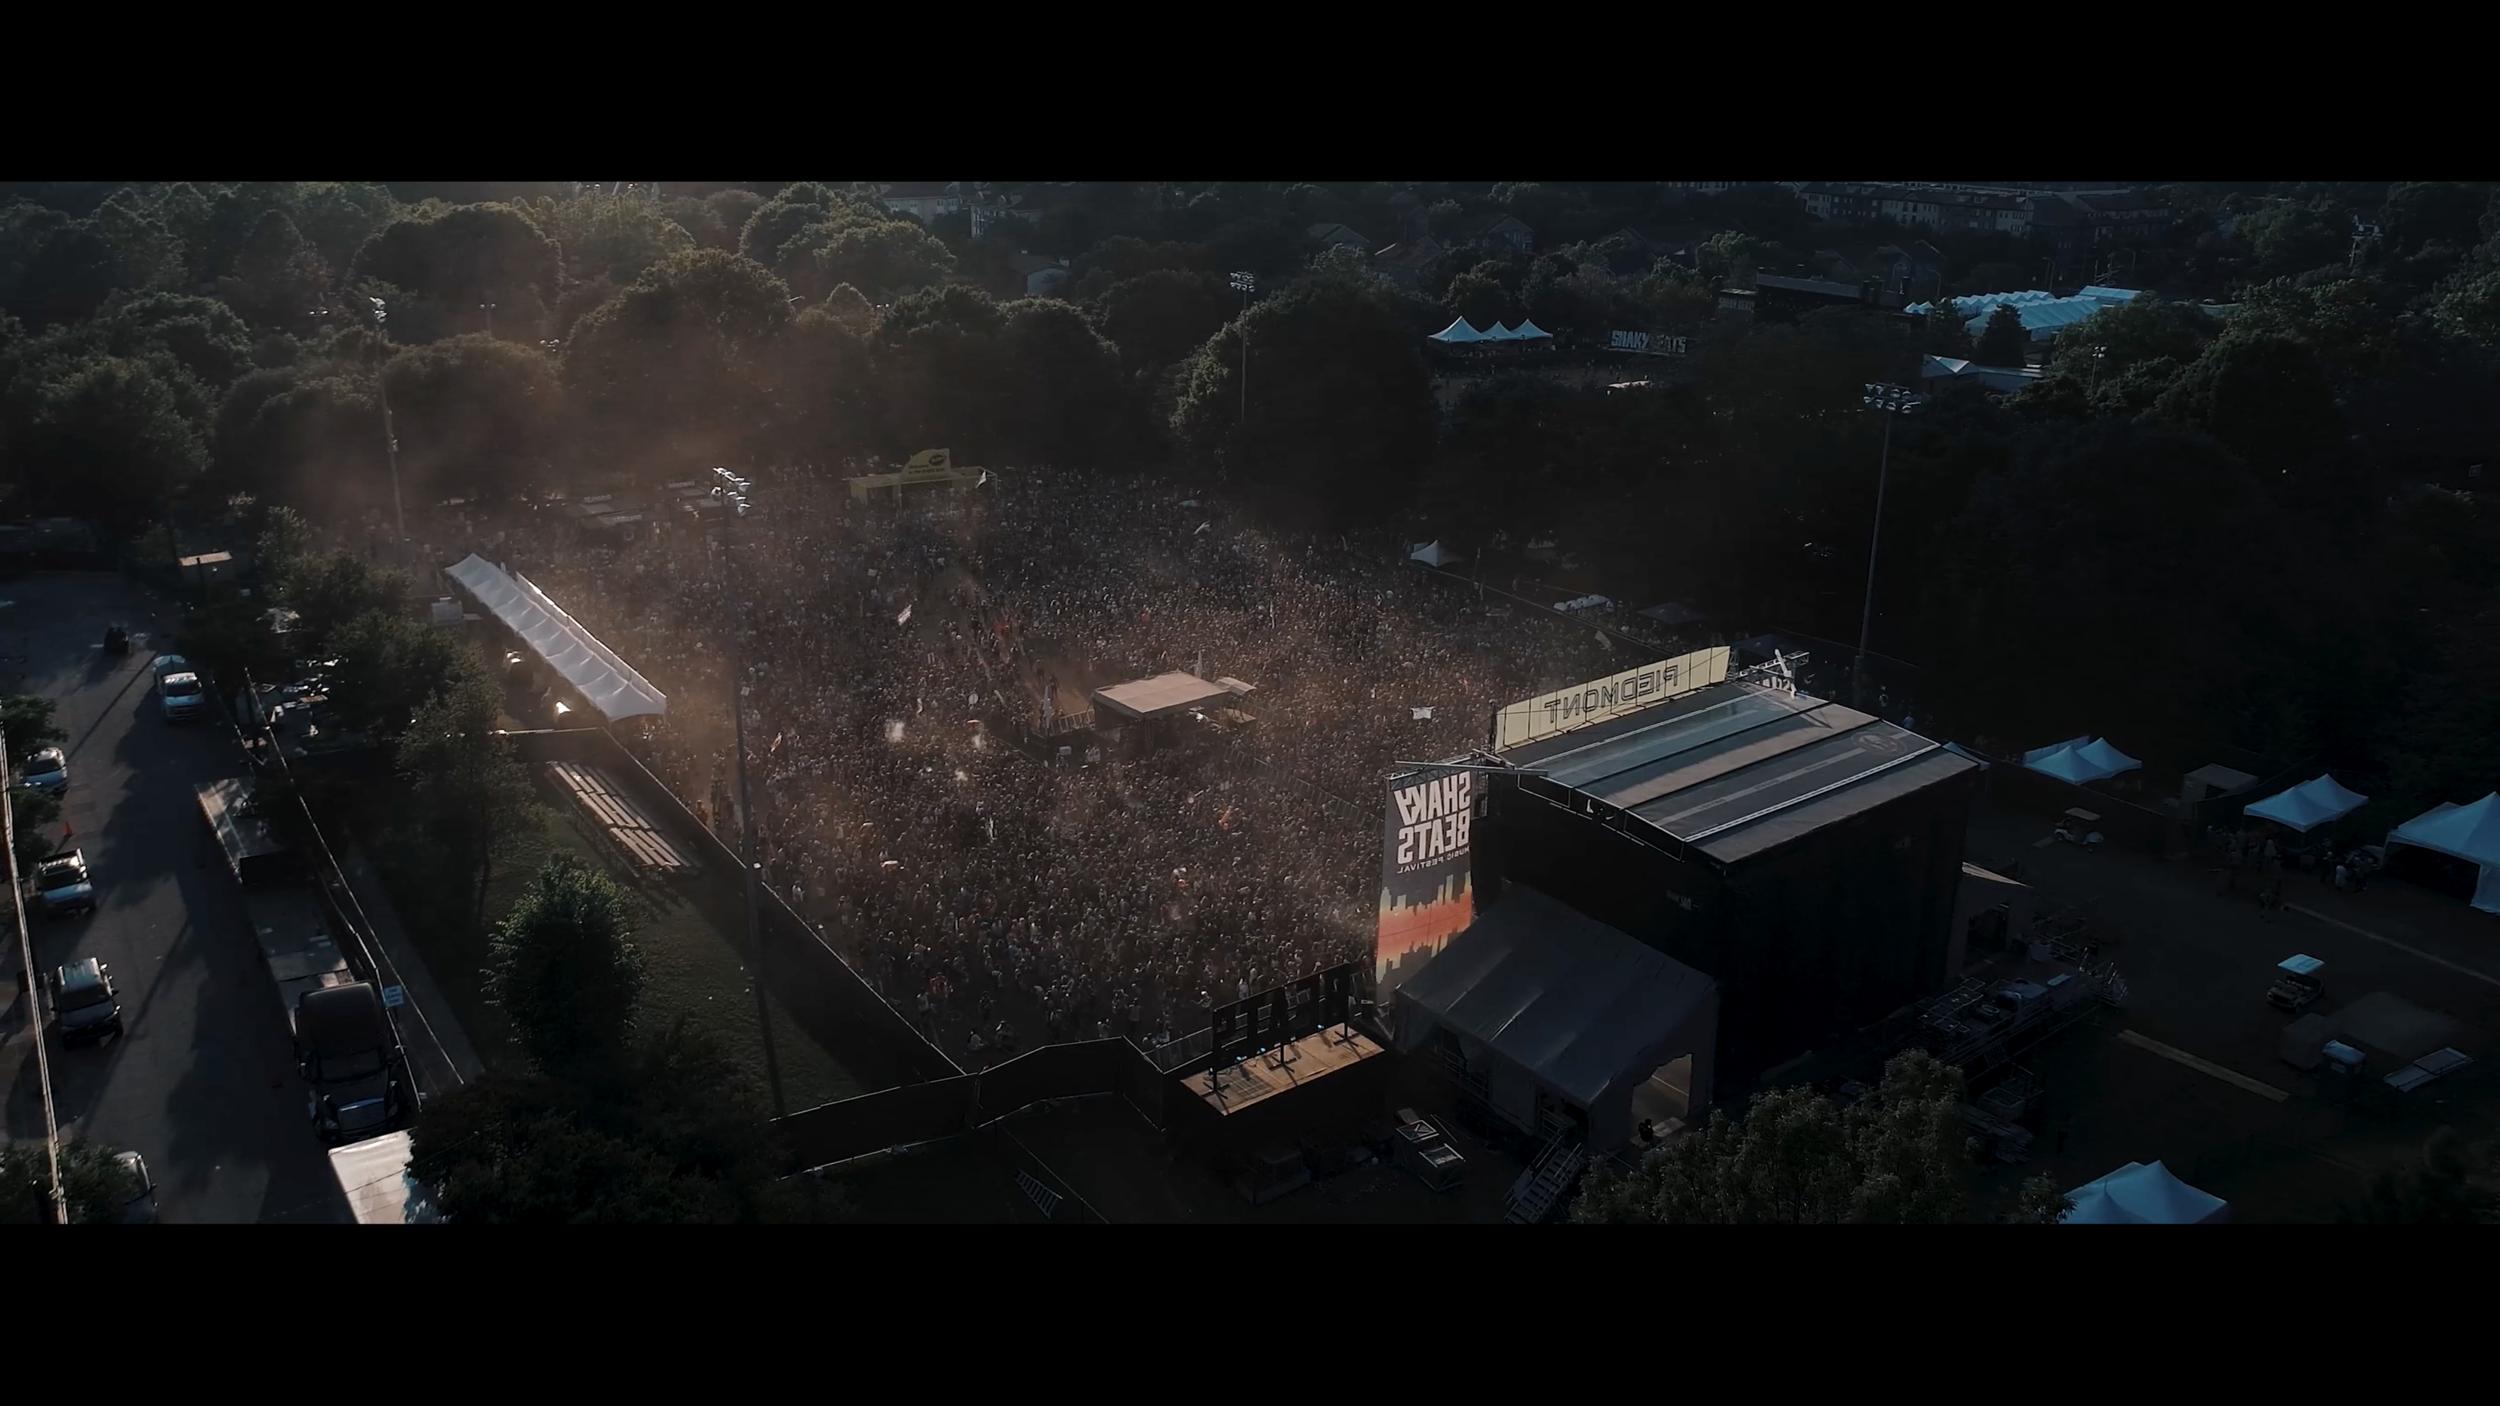 Screen Shot 2018-08-21 at 2.38.33 PM.png